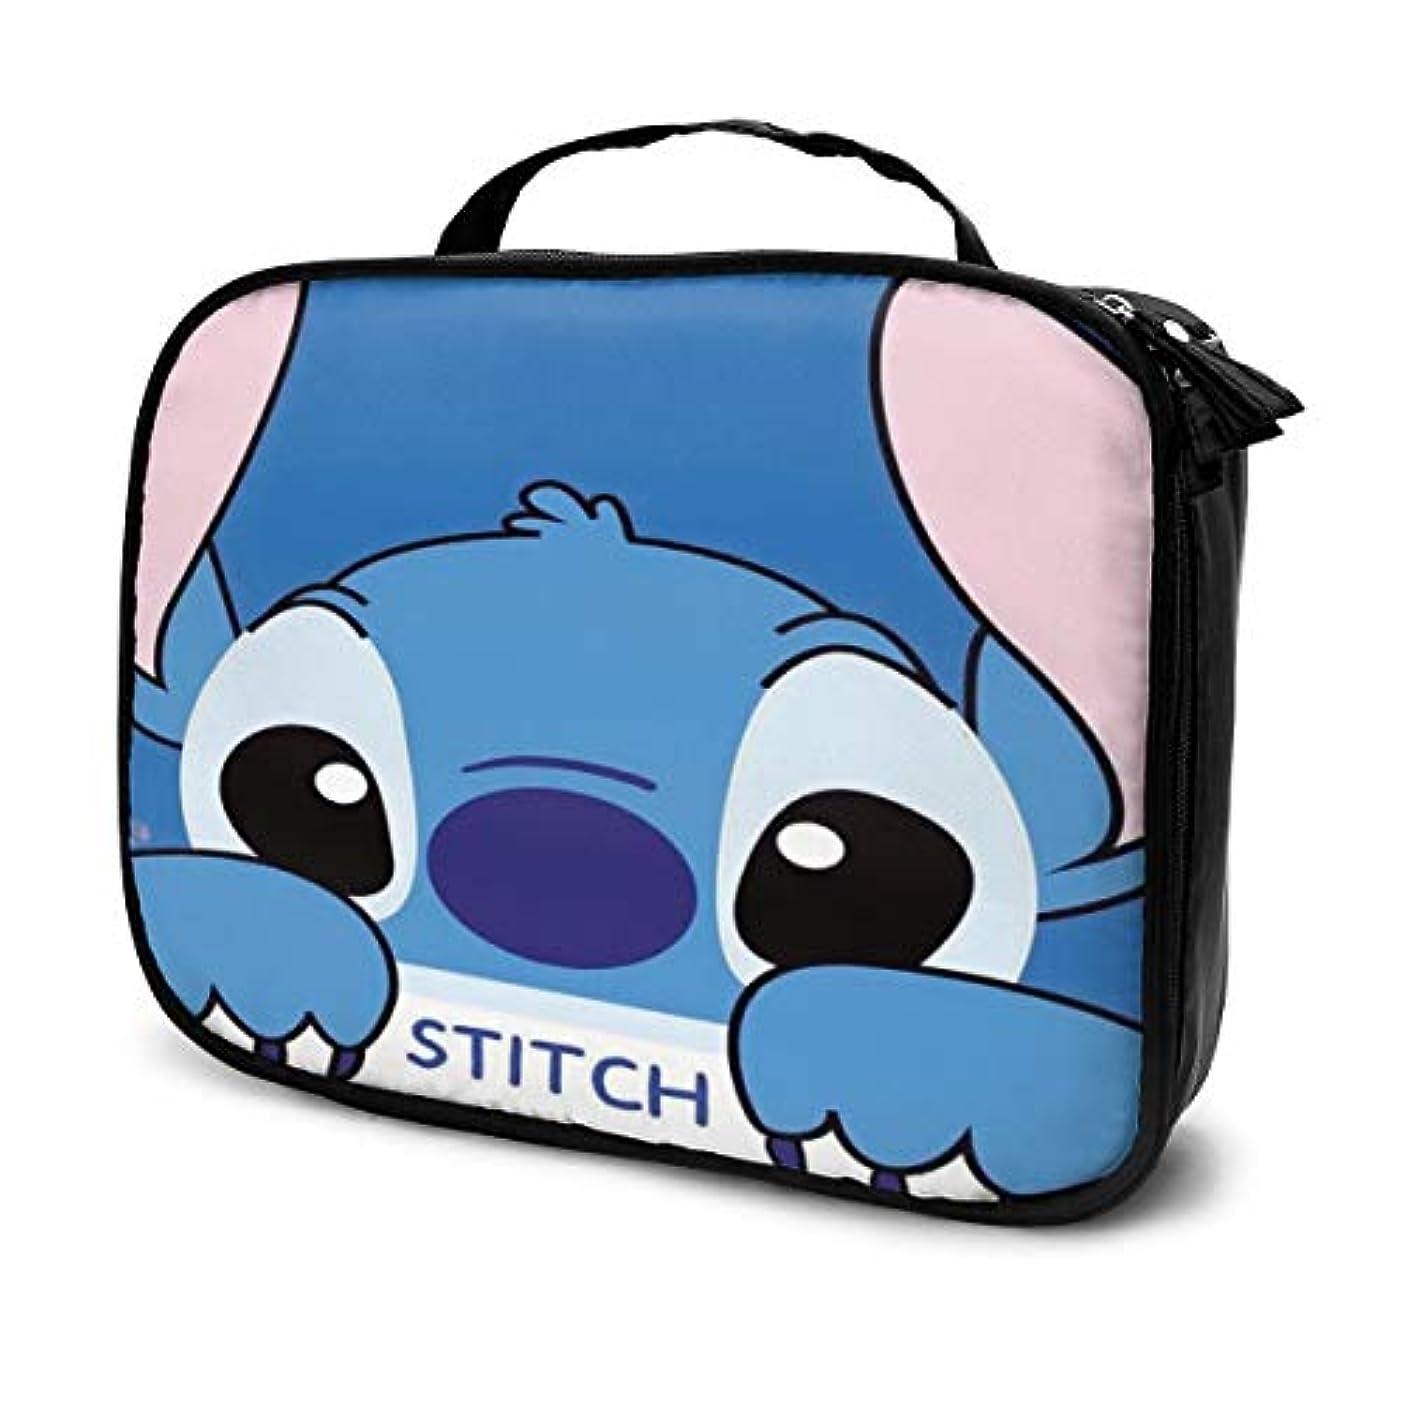 突撃請求小学生Daituスティッチ 化粧品袋の女性旅行バッグ収納大容量防水アクセサリー旅行